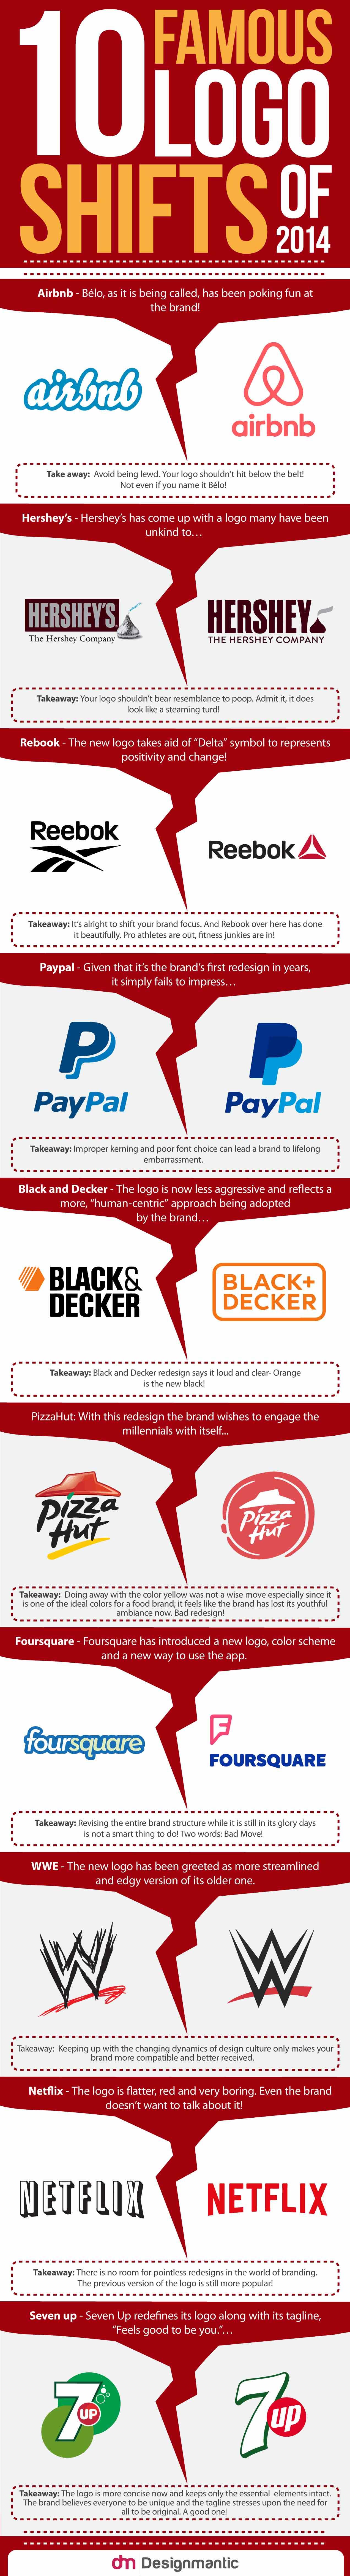 Una infografía con 10 cambios de logos famosos en 2014.